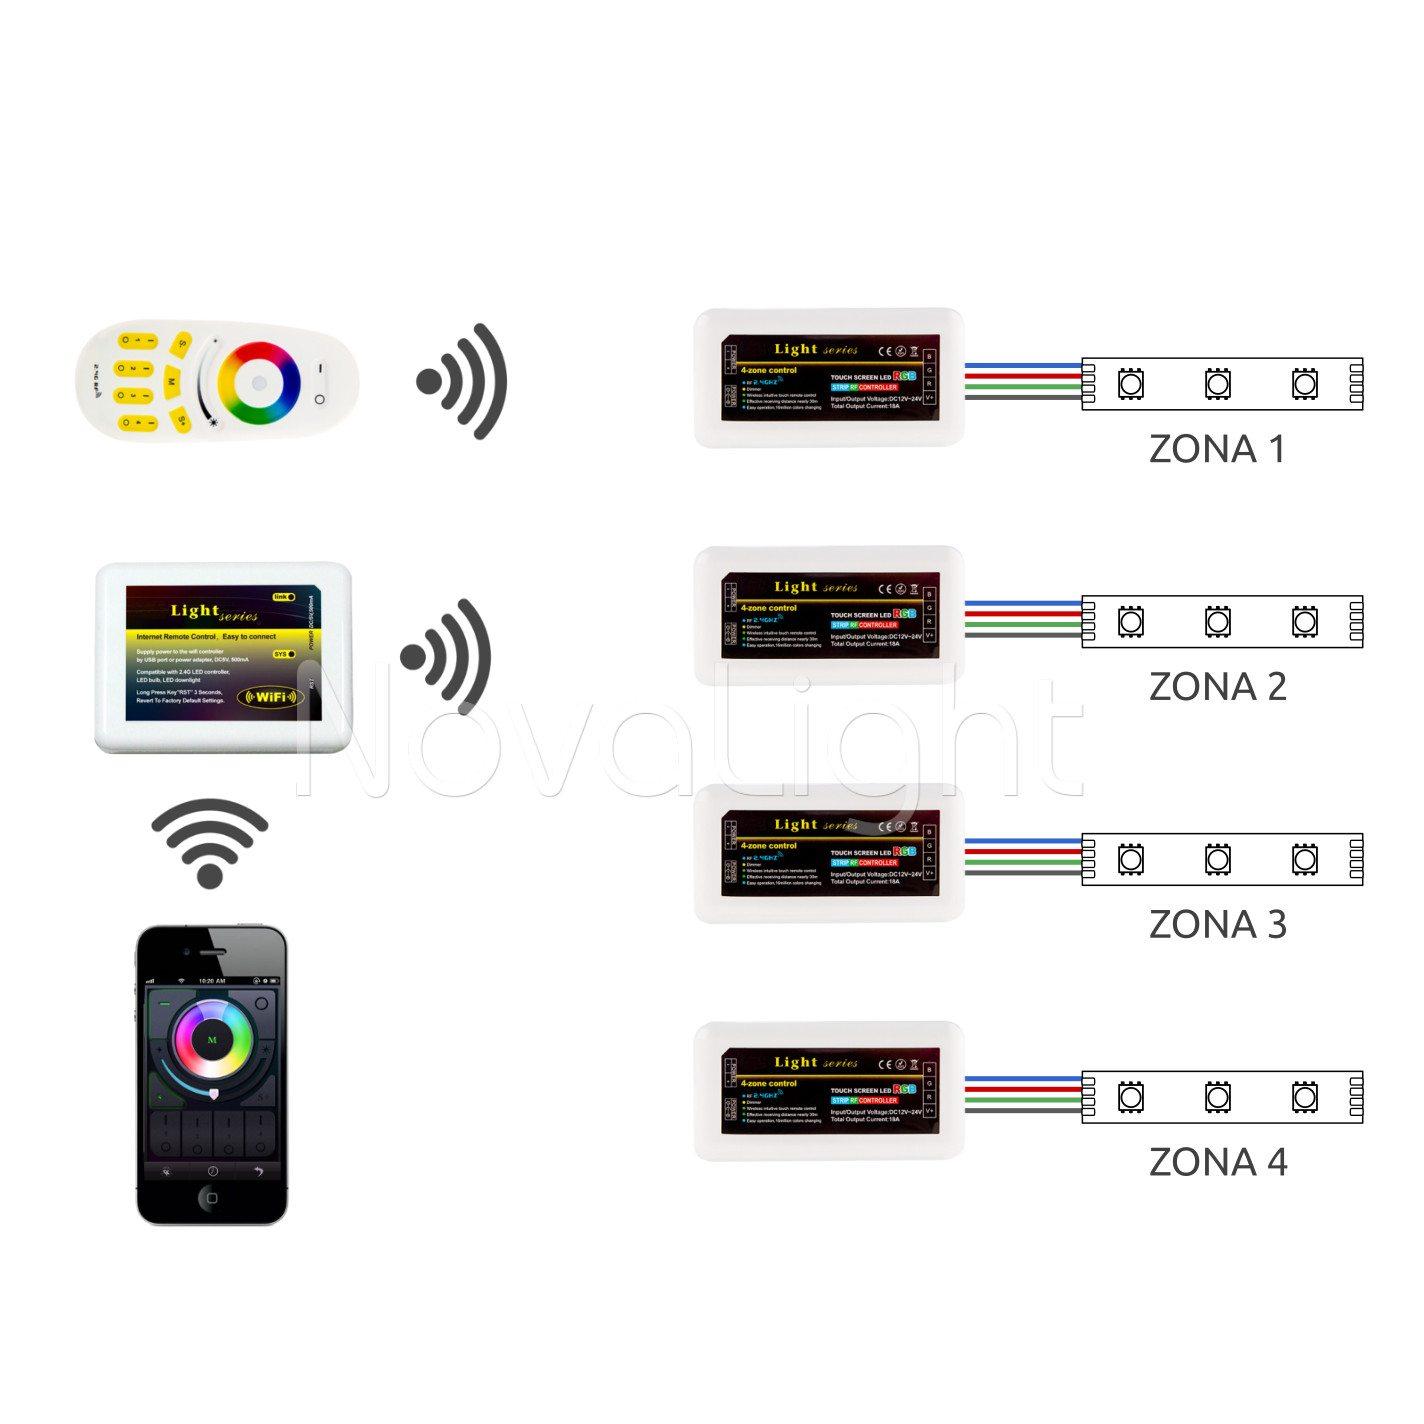 Controlador Multizona para tiras LED, compatible con smartphone y tablet